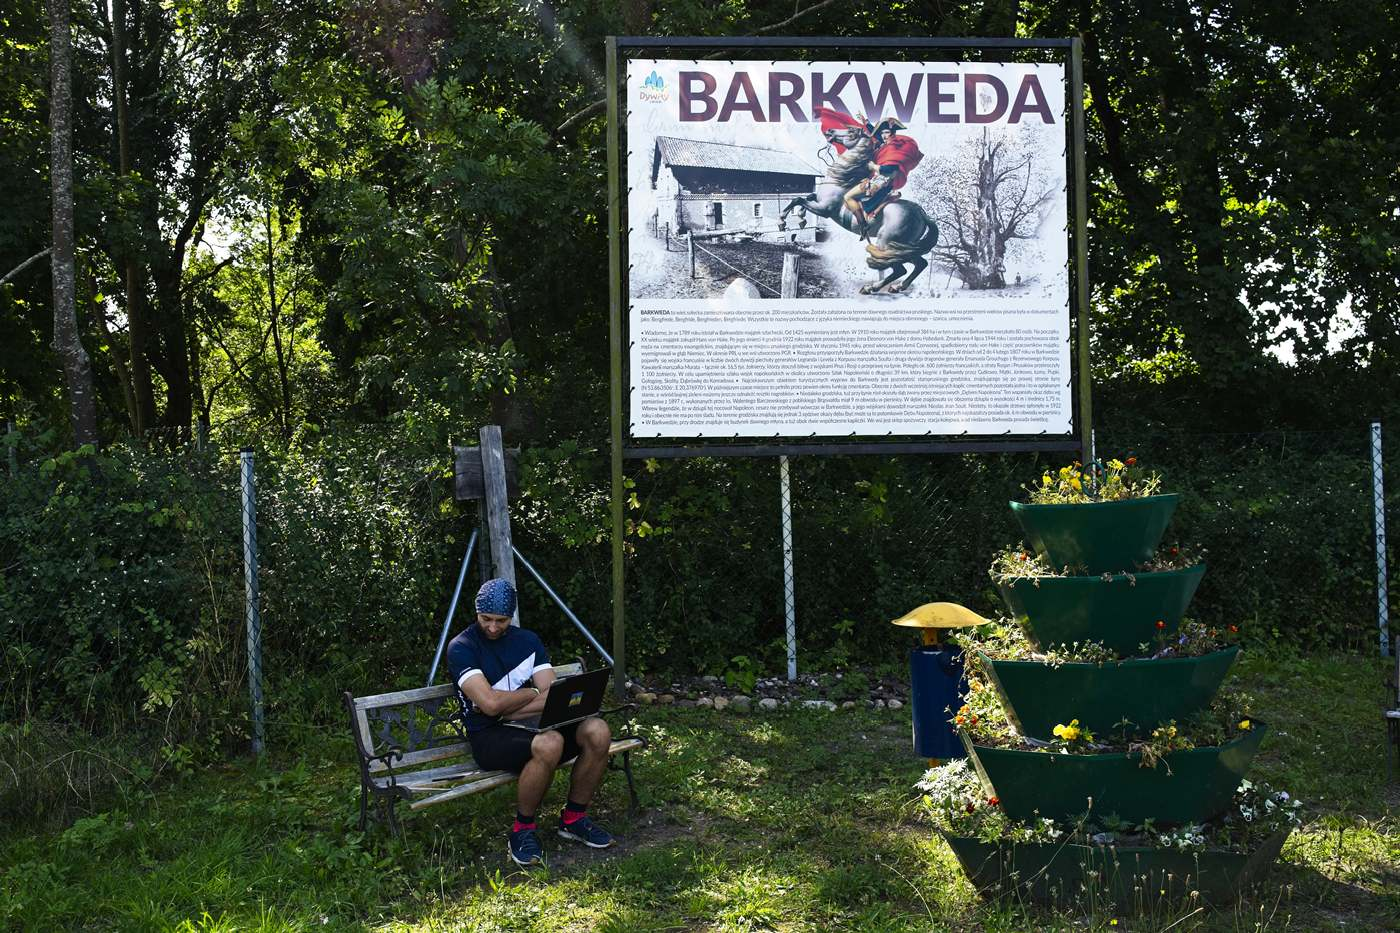 barkweda sciezka rowerowa olsztyn ostroda rowerem napoleon dąb napoleona w barkwedzie